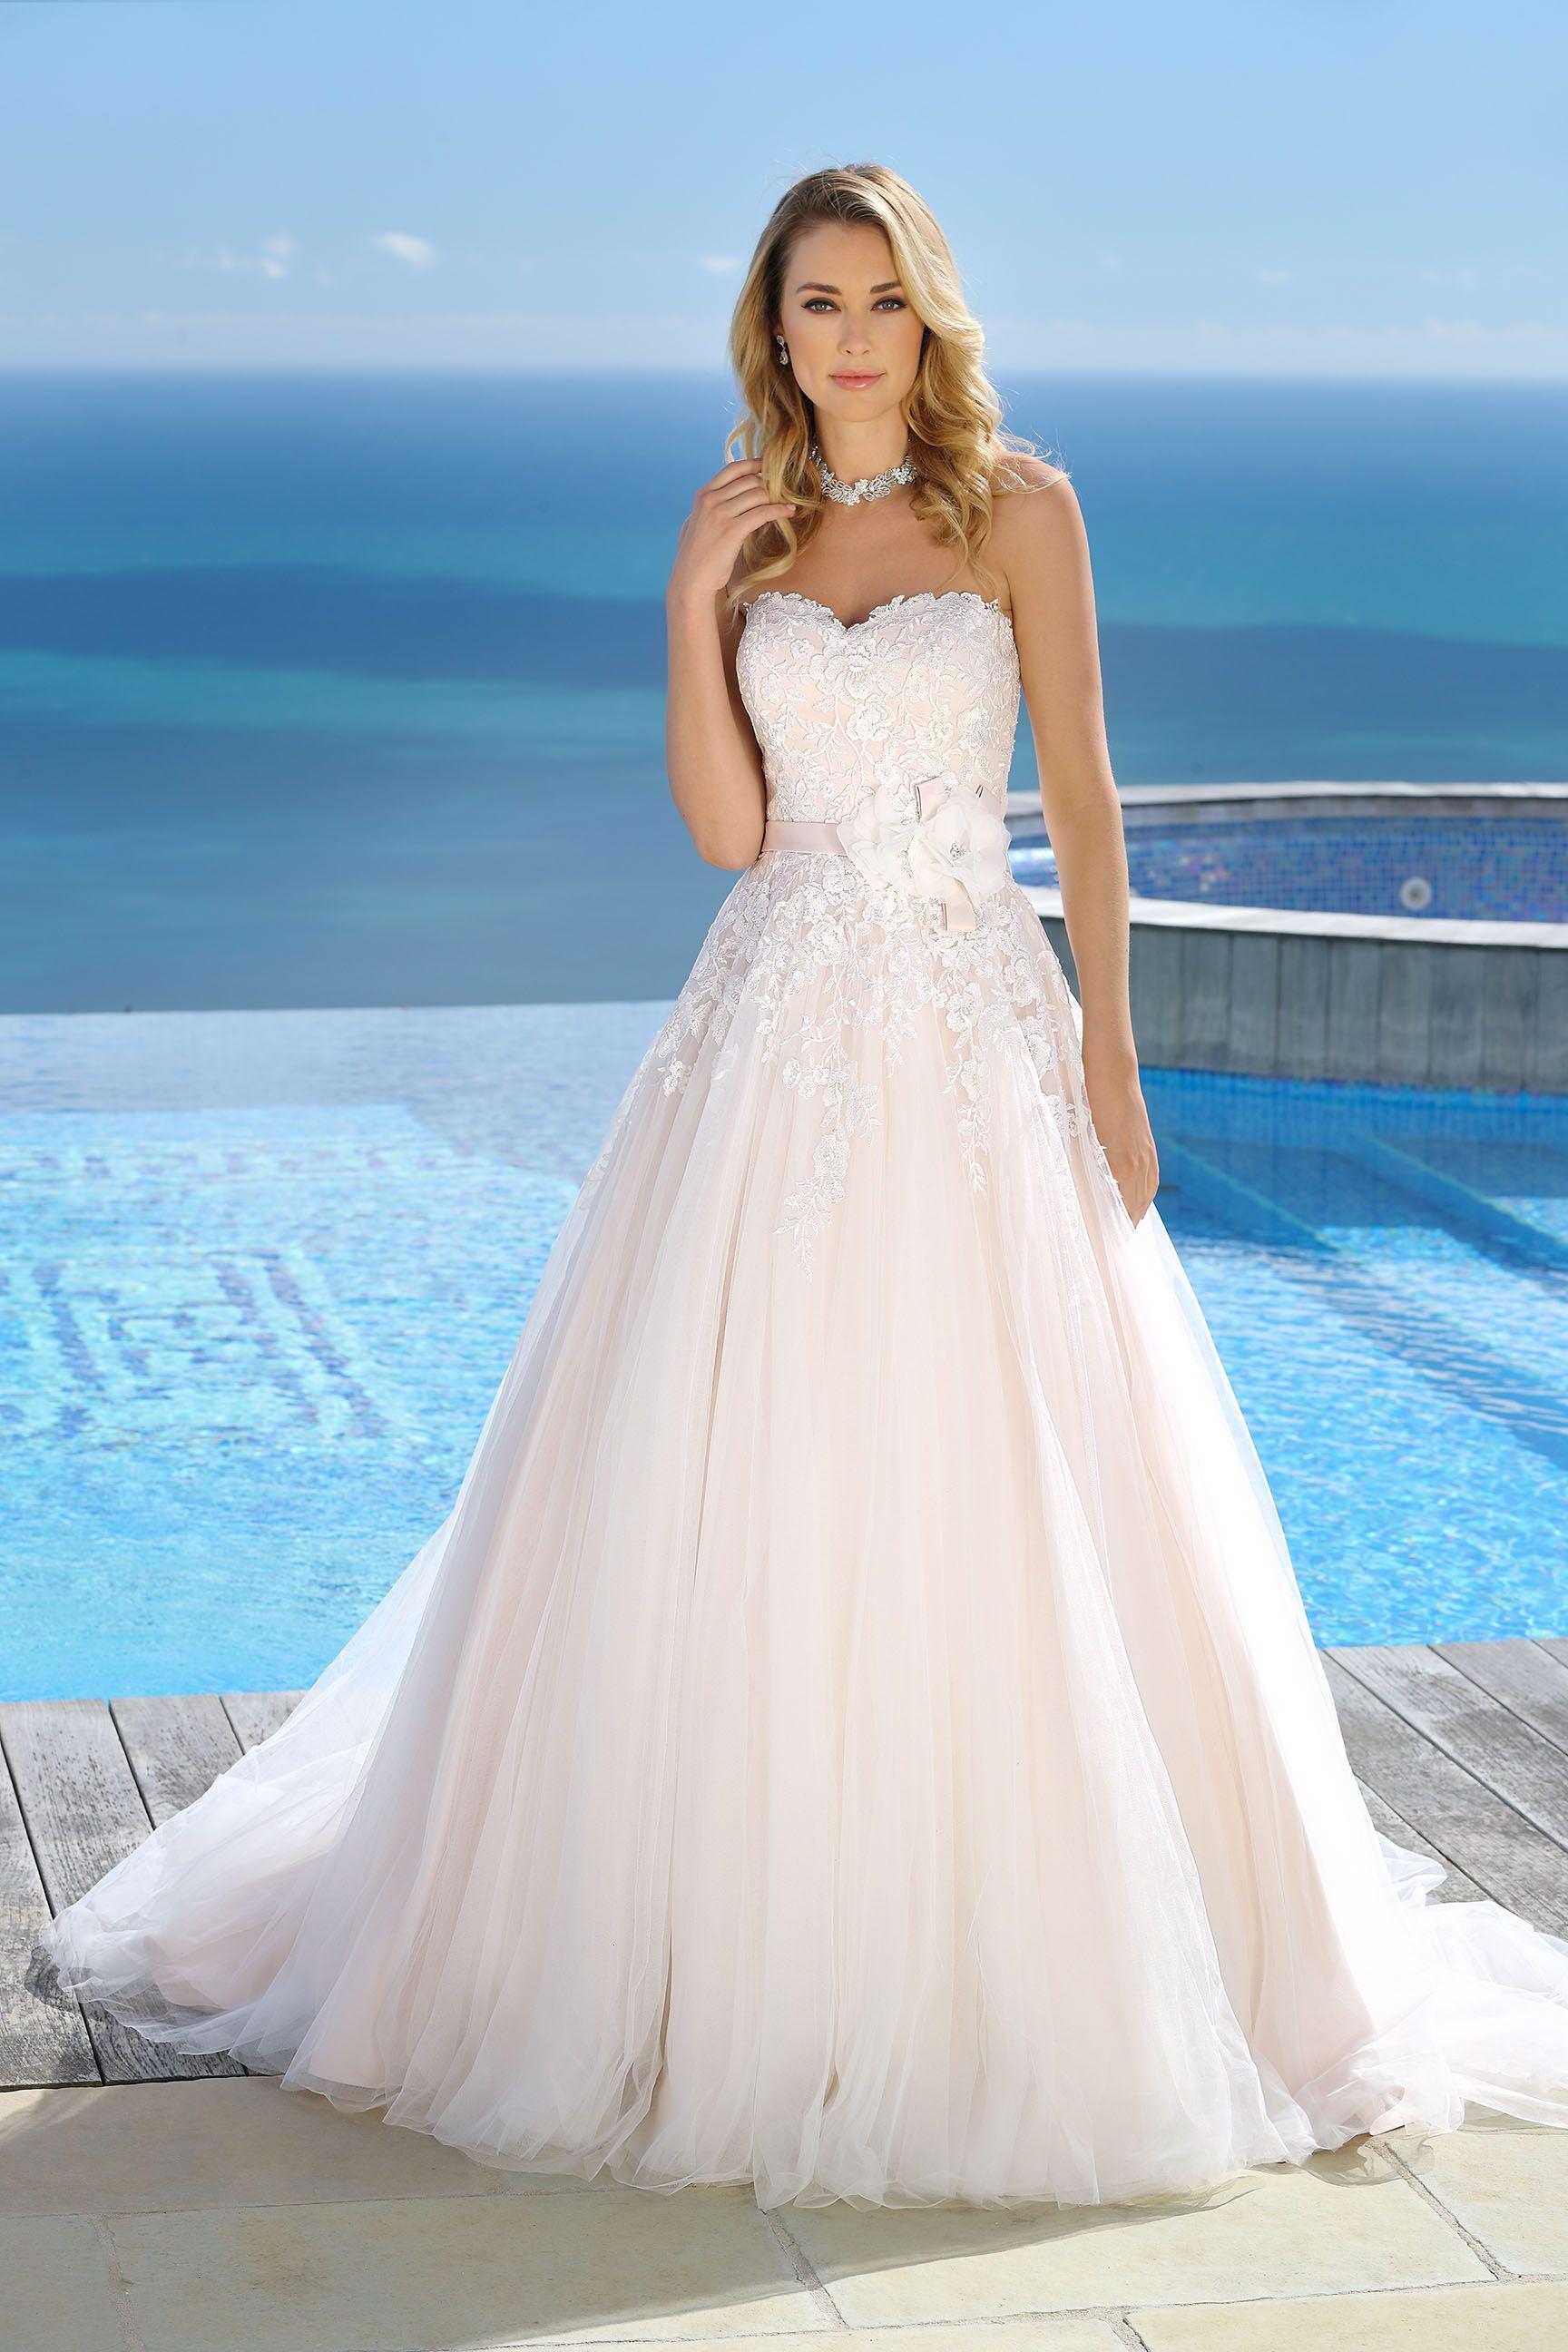 Style 419051 New Collection Wedding Dresses 2019 Kleider Hochzeit Brautkleid Prinzessin Brautmode